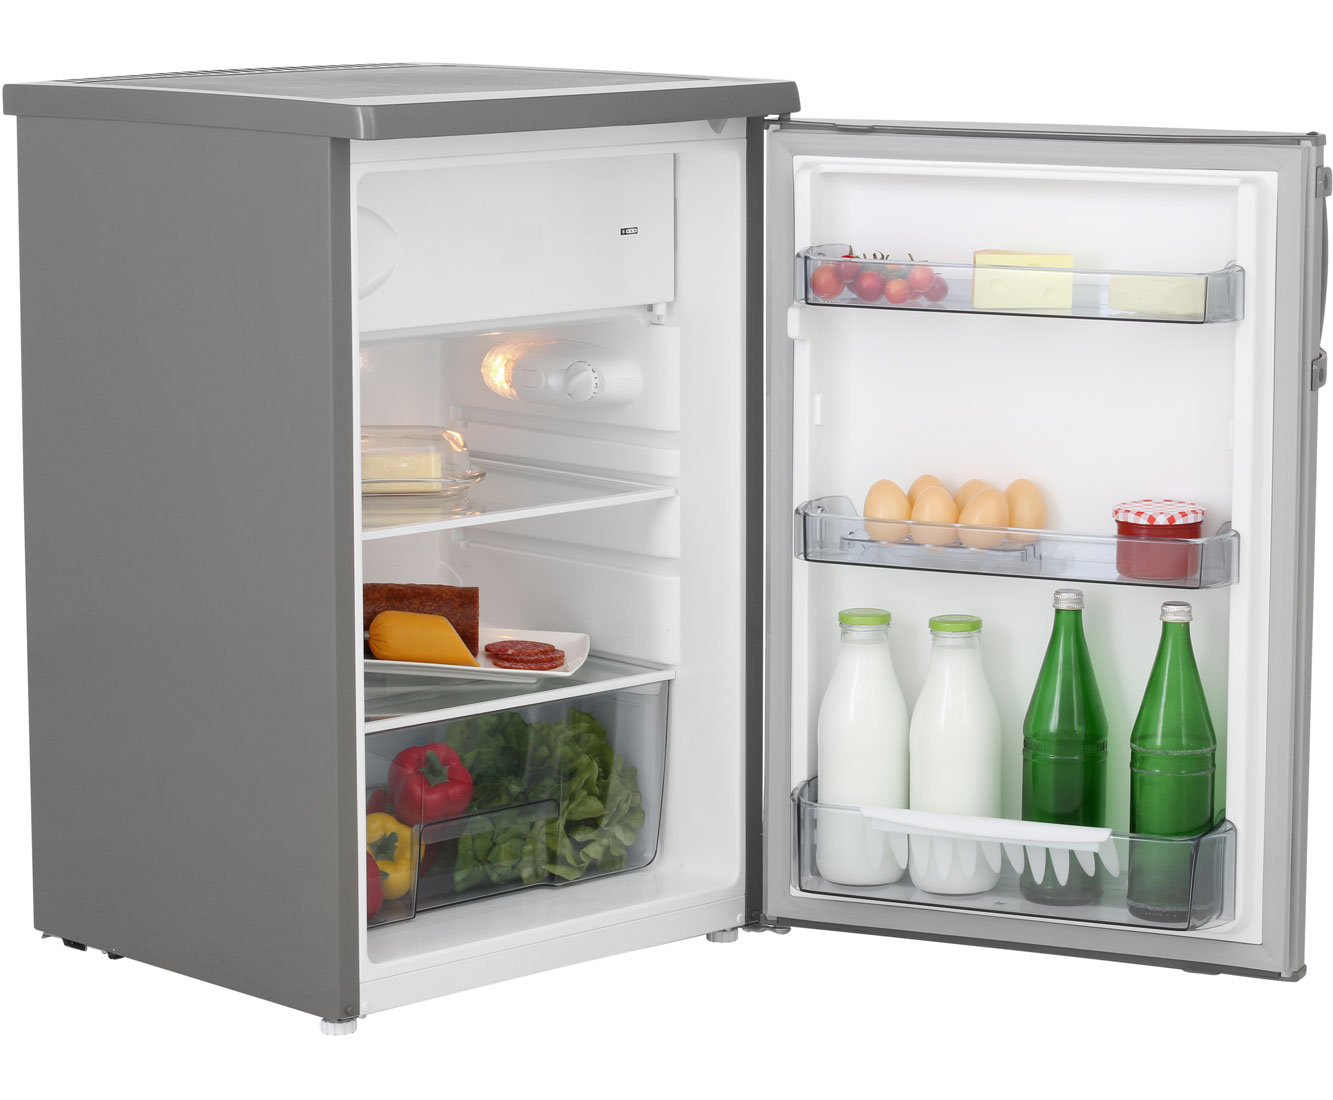 Gorenje Kühlschrank Idealo : Kühlschrank a gorenje kühlschränke günstig kaufen bei mediamarkt